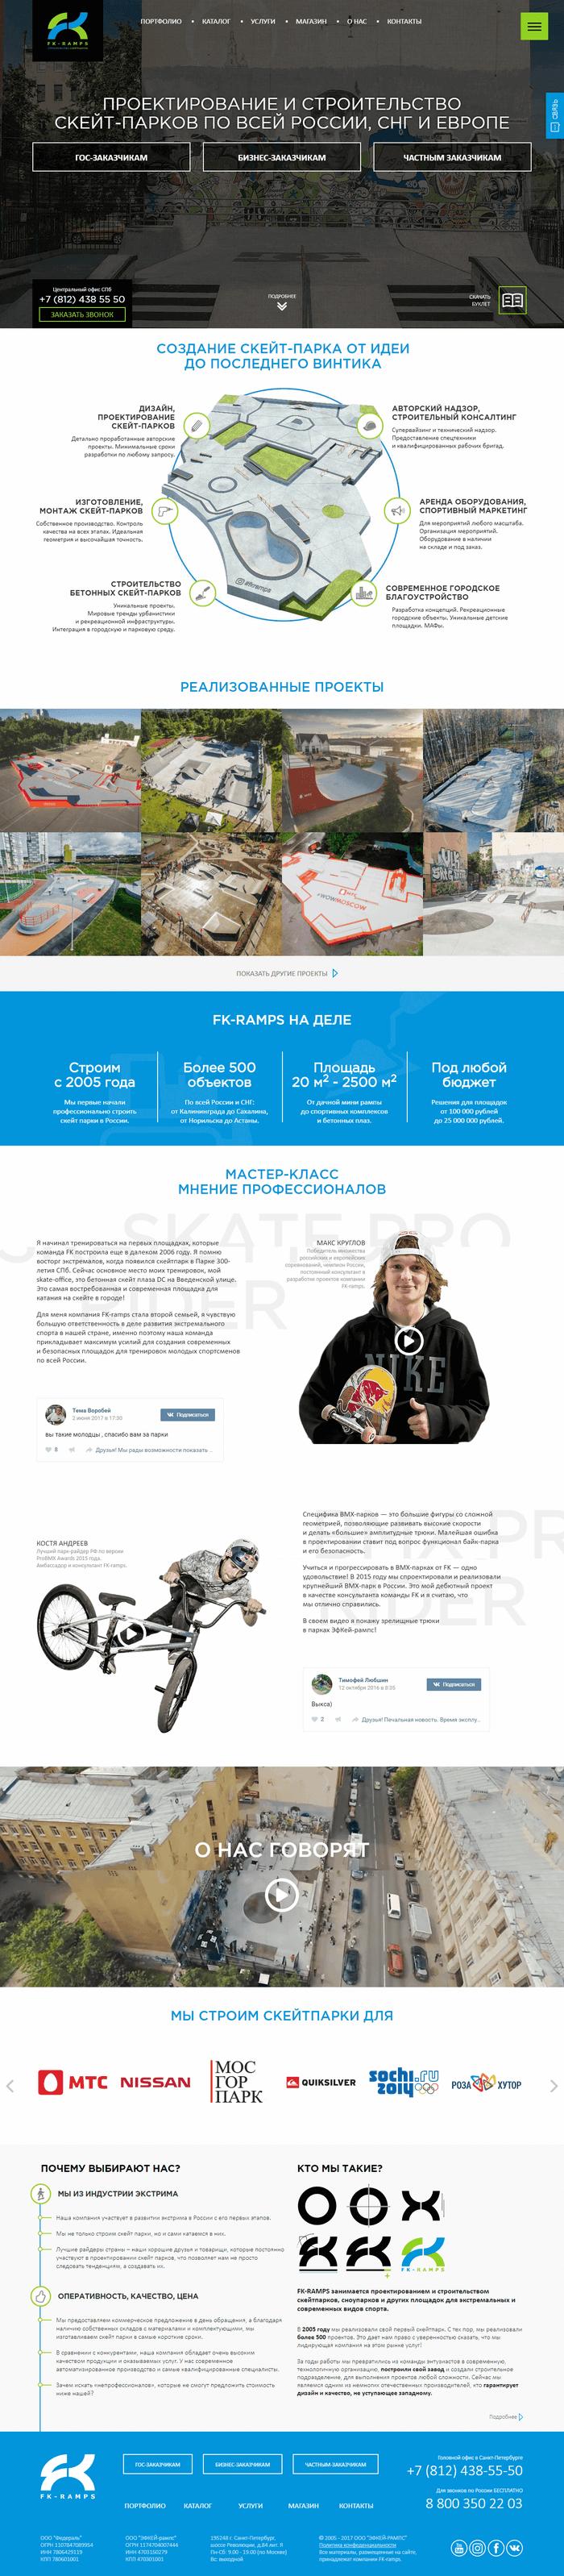 Главная страница сайта о скейт-парках